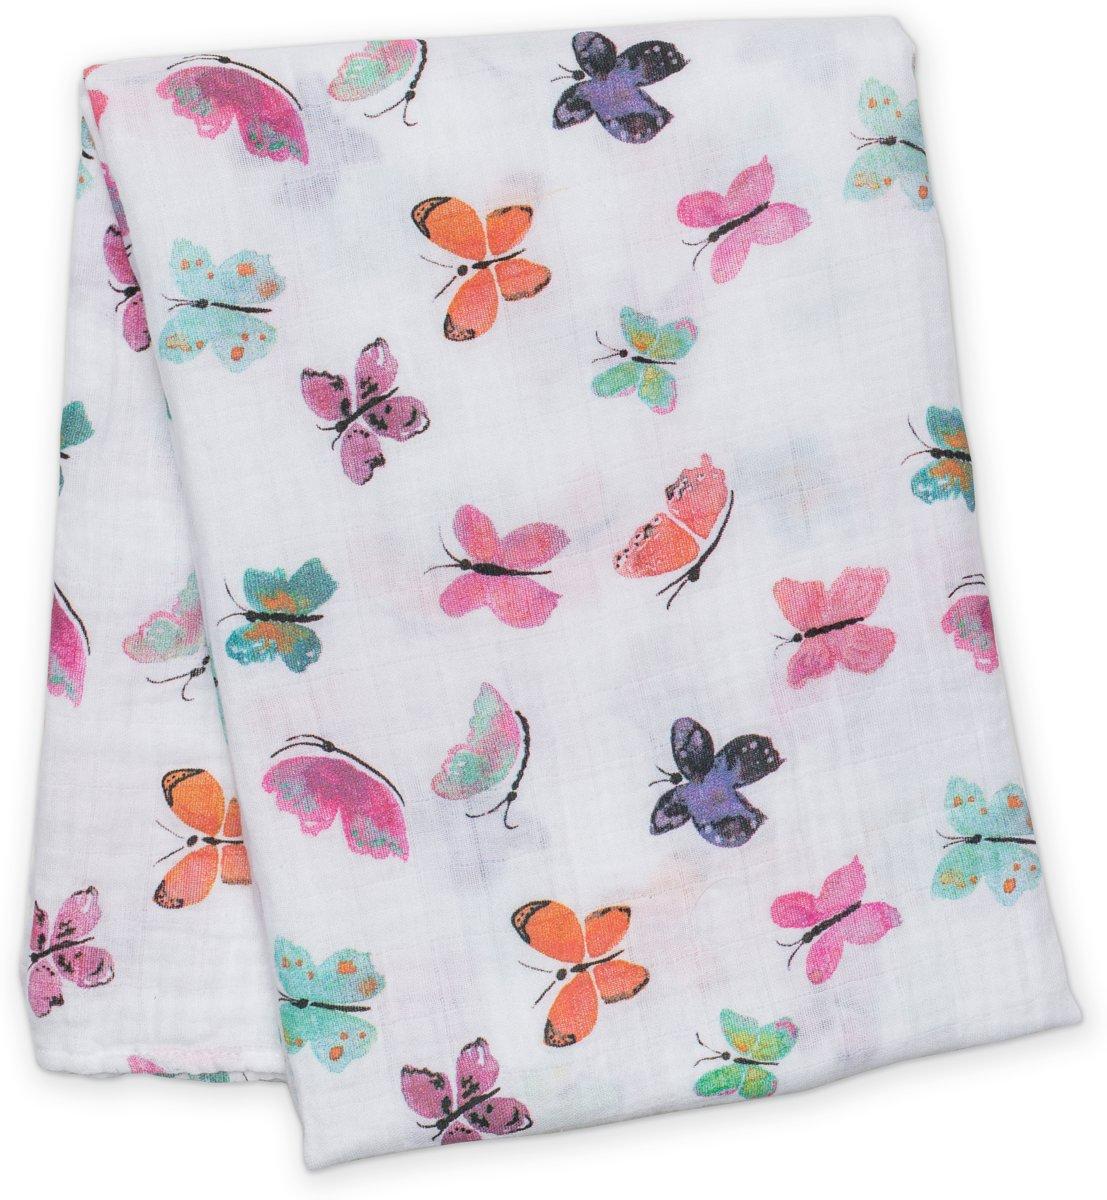 Lulujo swaddle 120x120 - Butterfly